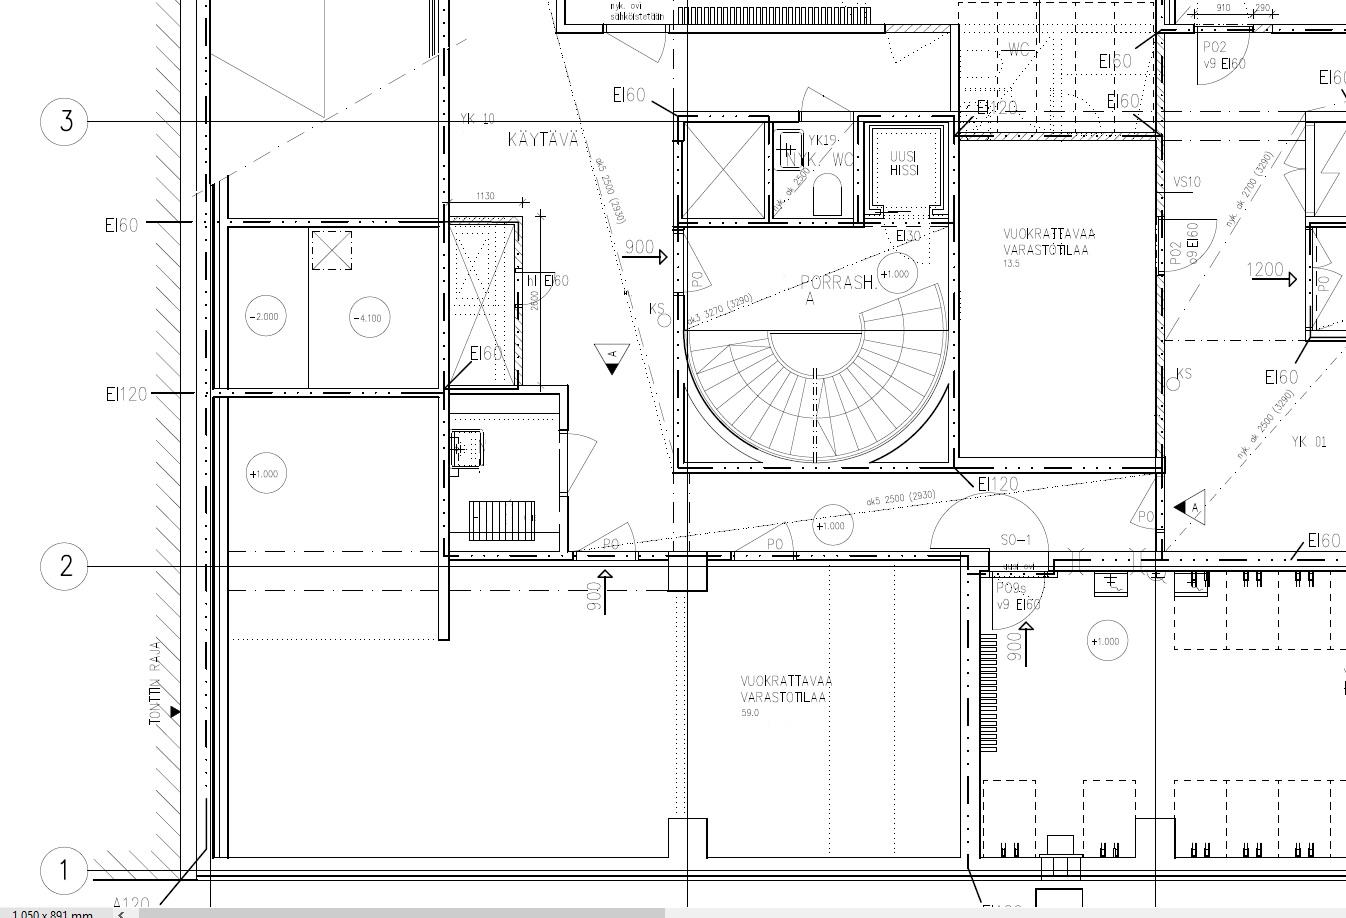 Alustava pohjakuva (13,5m2 varasto sijaitsee porrashuoneen oikealla puolella pohjakuvassa)